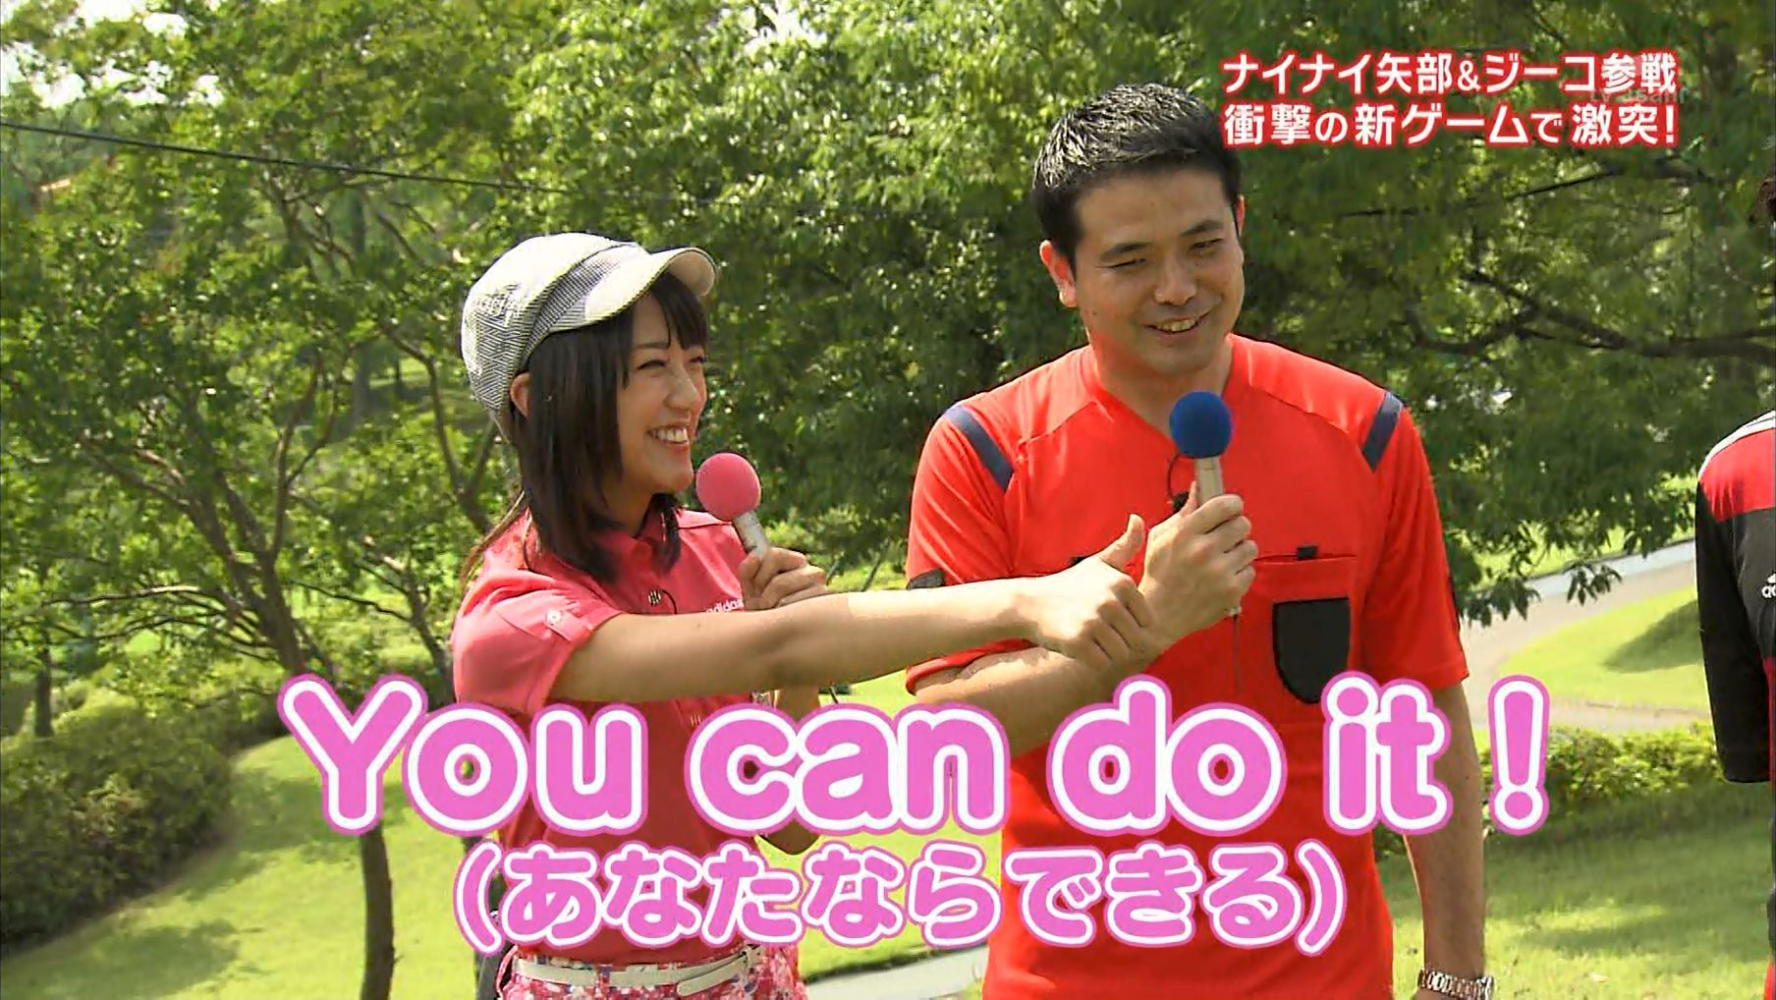 ゴルフウェアと竹内由恵